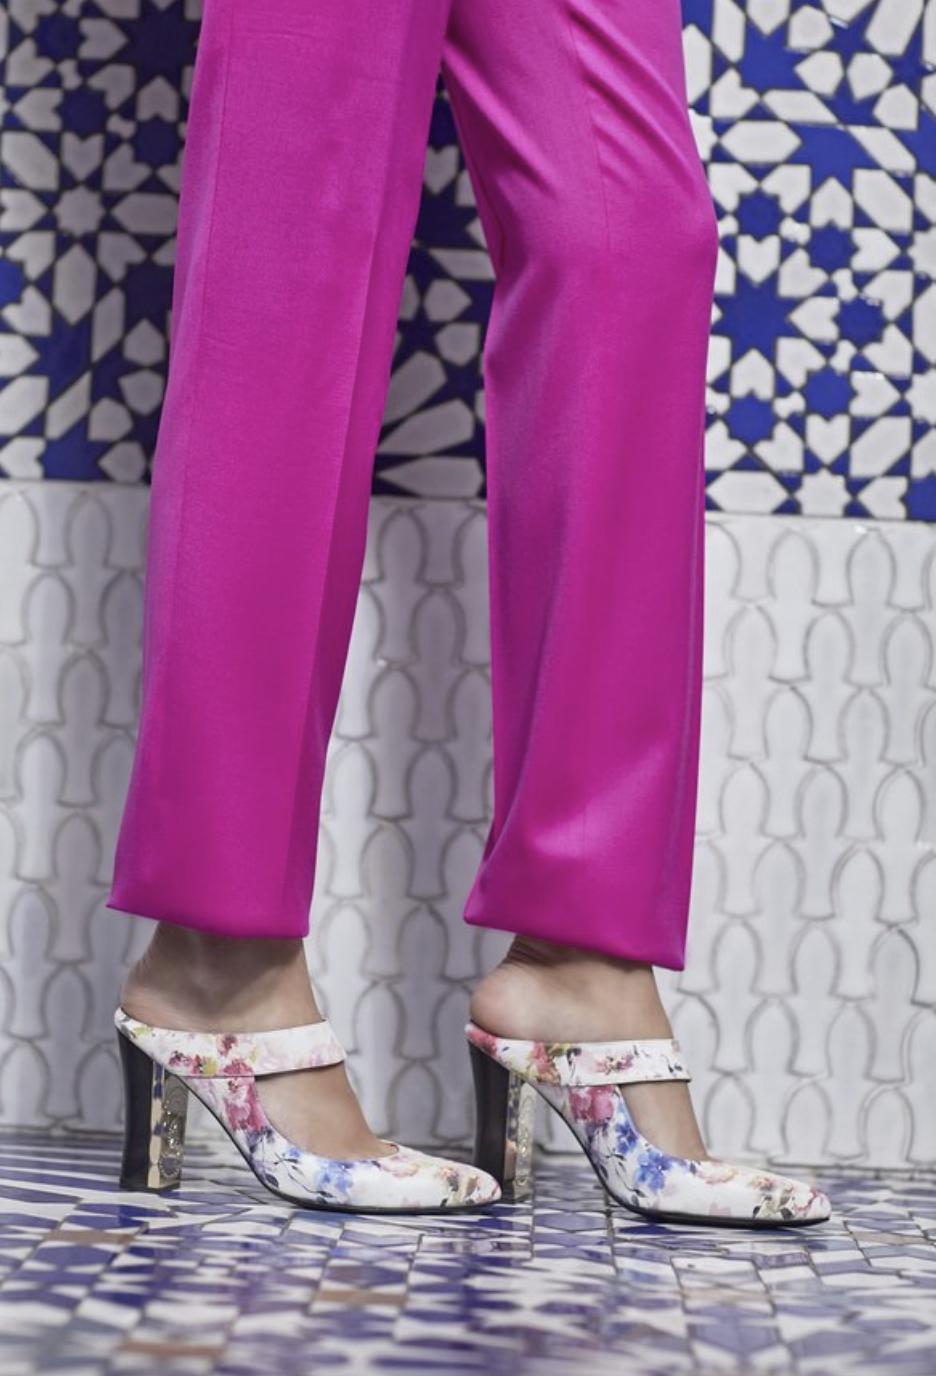 Posey Comfort Shoes Women Luxury Women Perfect Heels